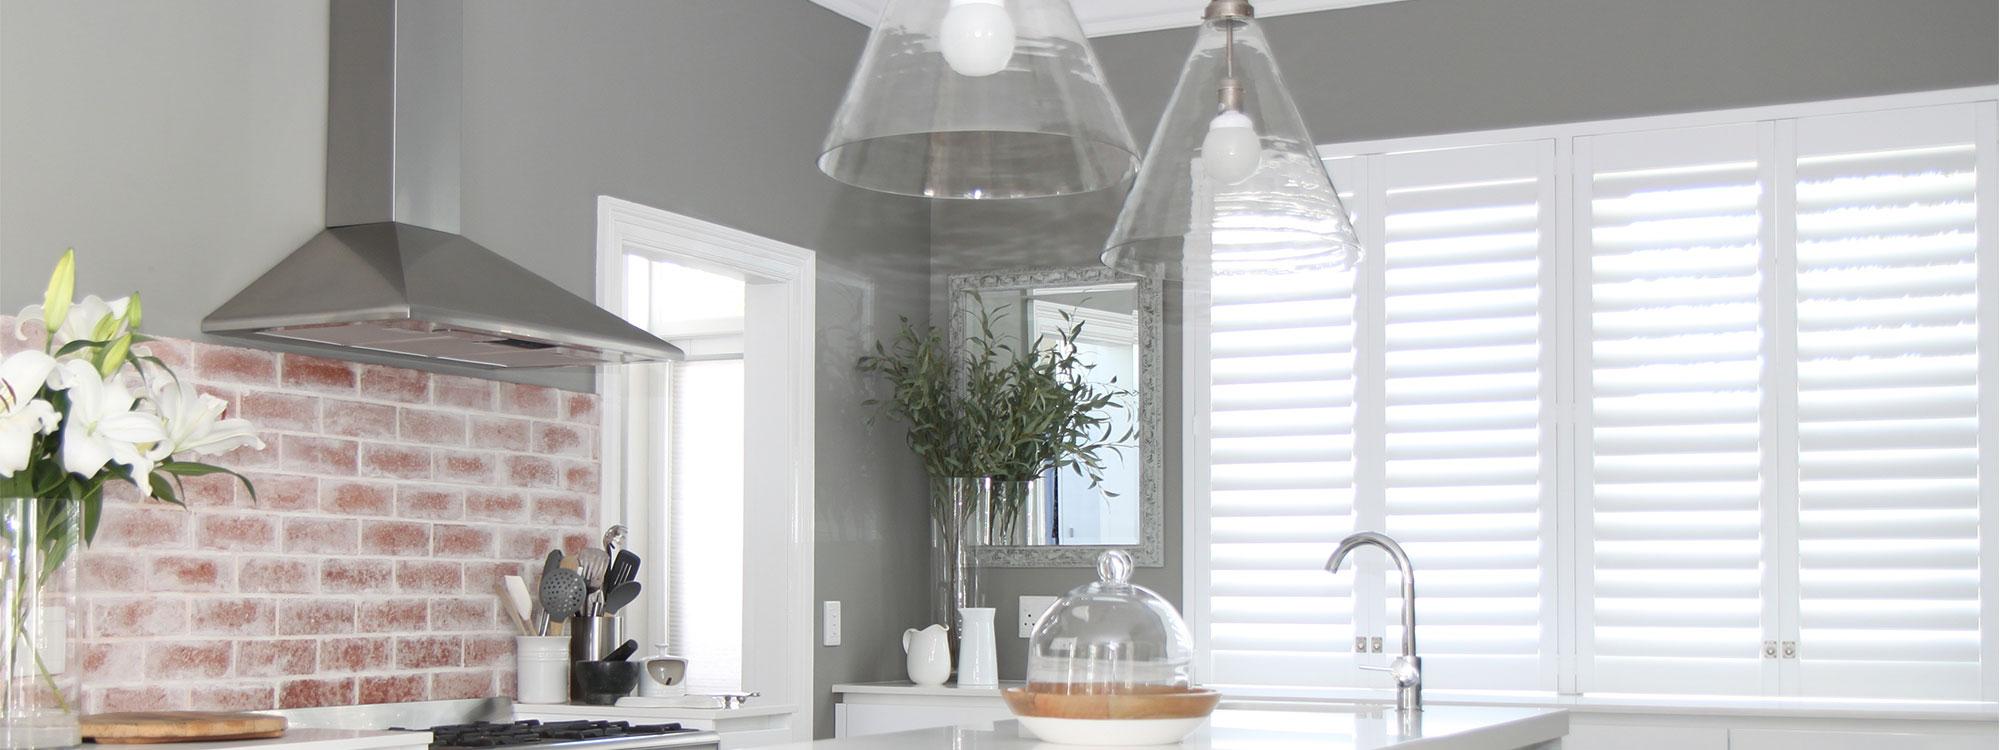 Decowood-shutters-white-kitchen-flowers-open-plan